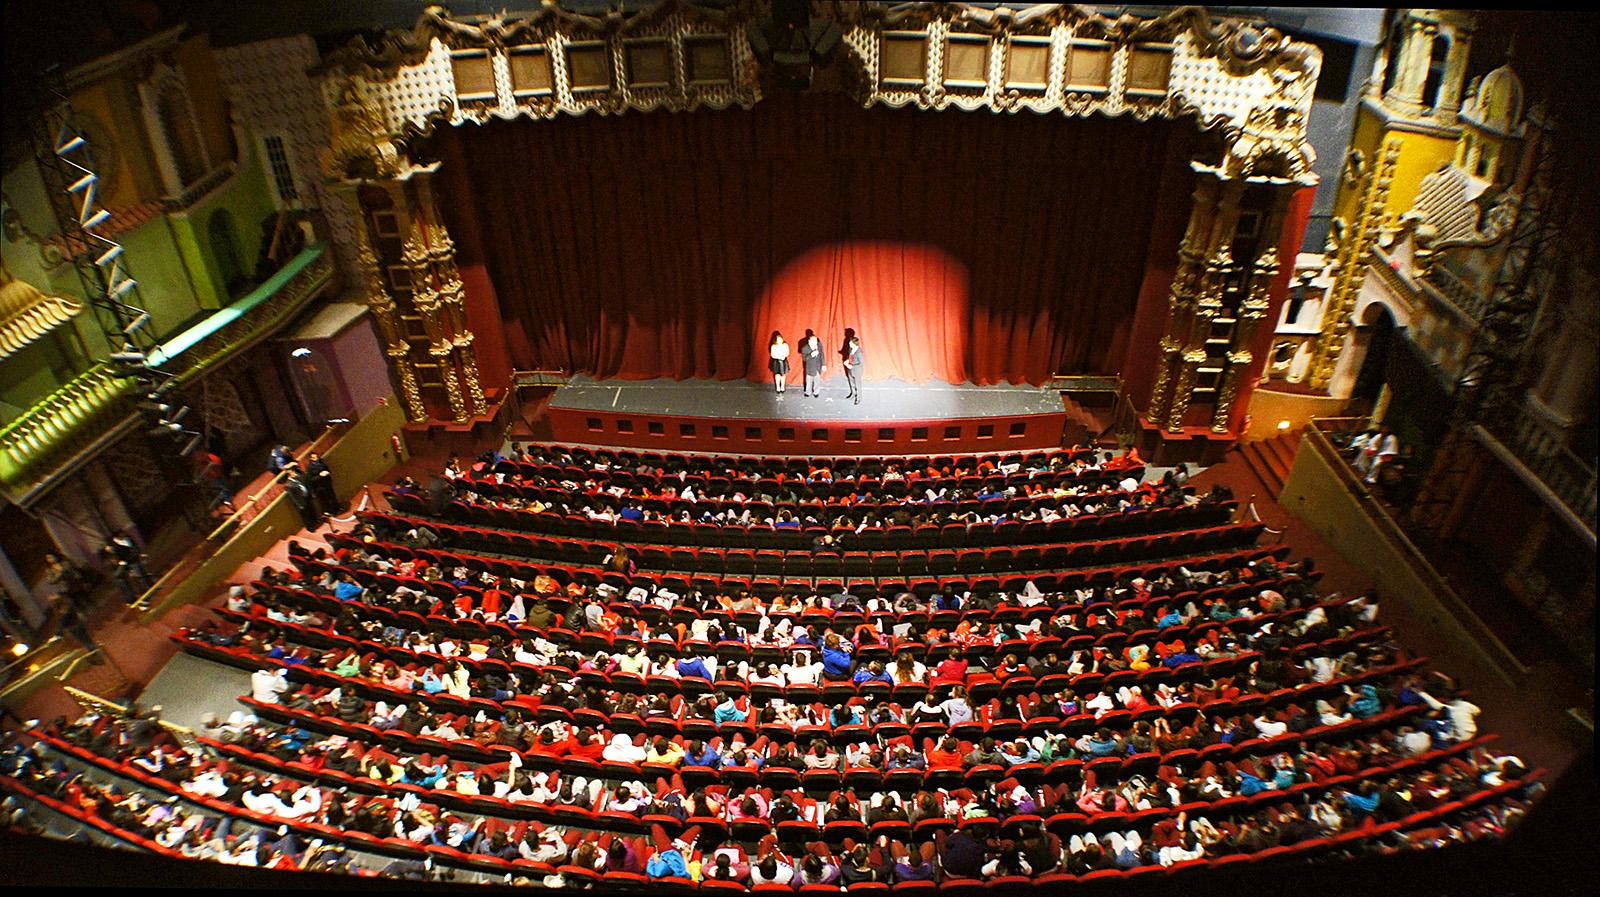 El teatro representa la cultura de la sociedad - Art Miami life style